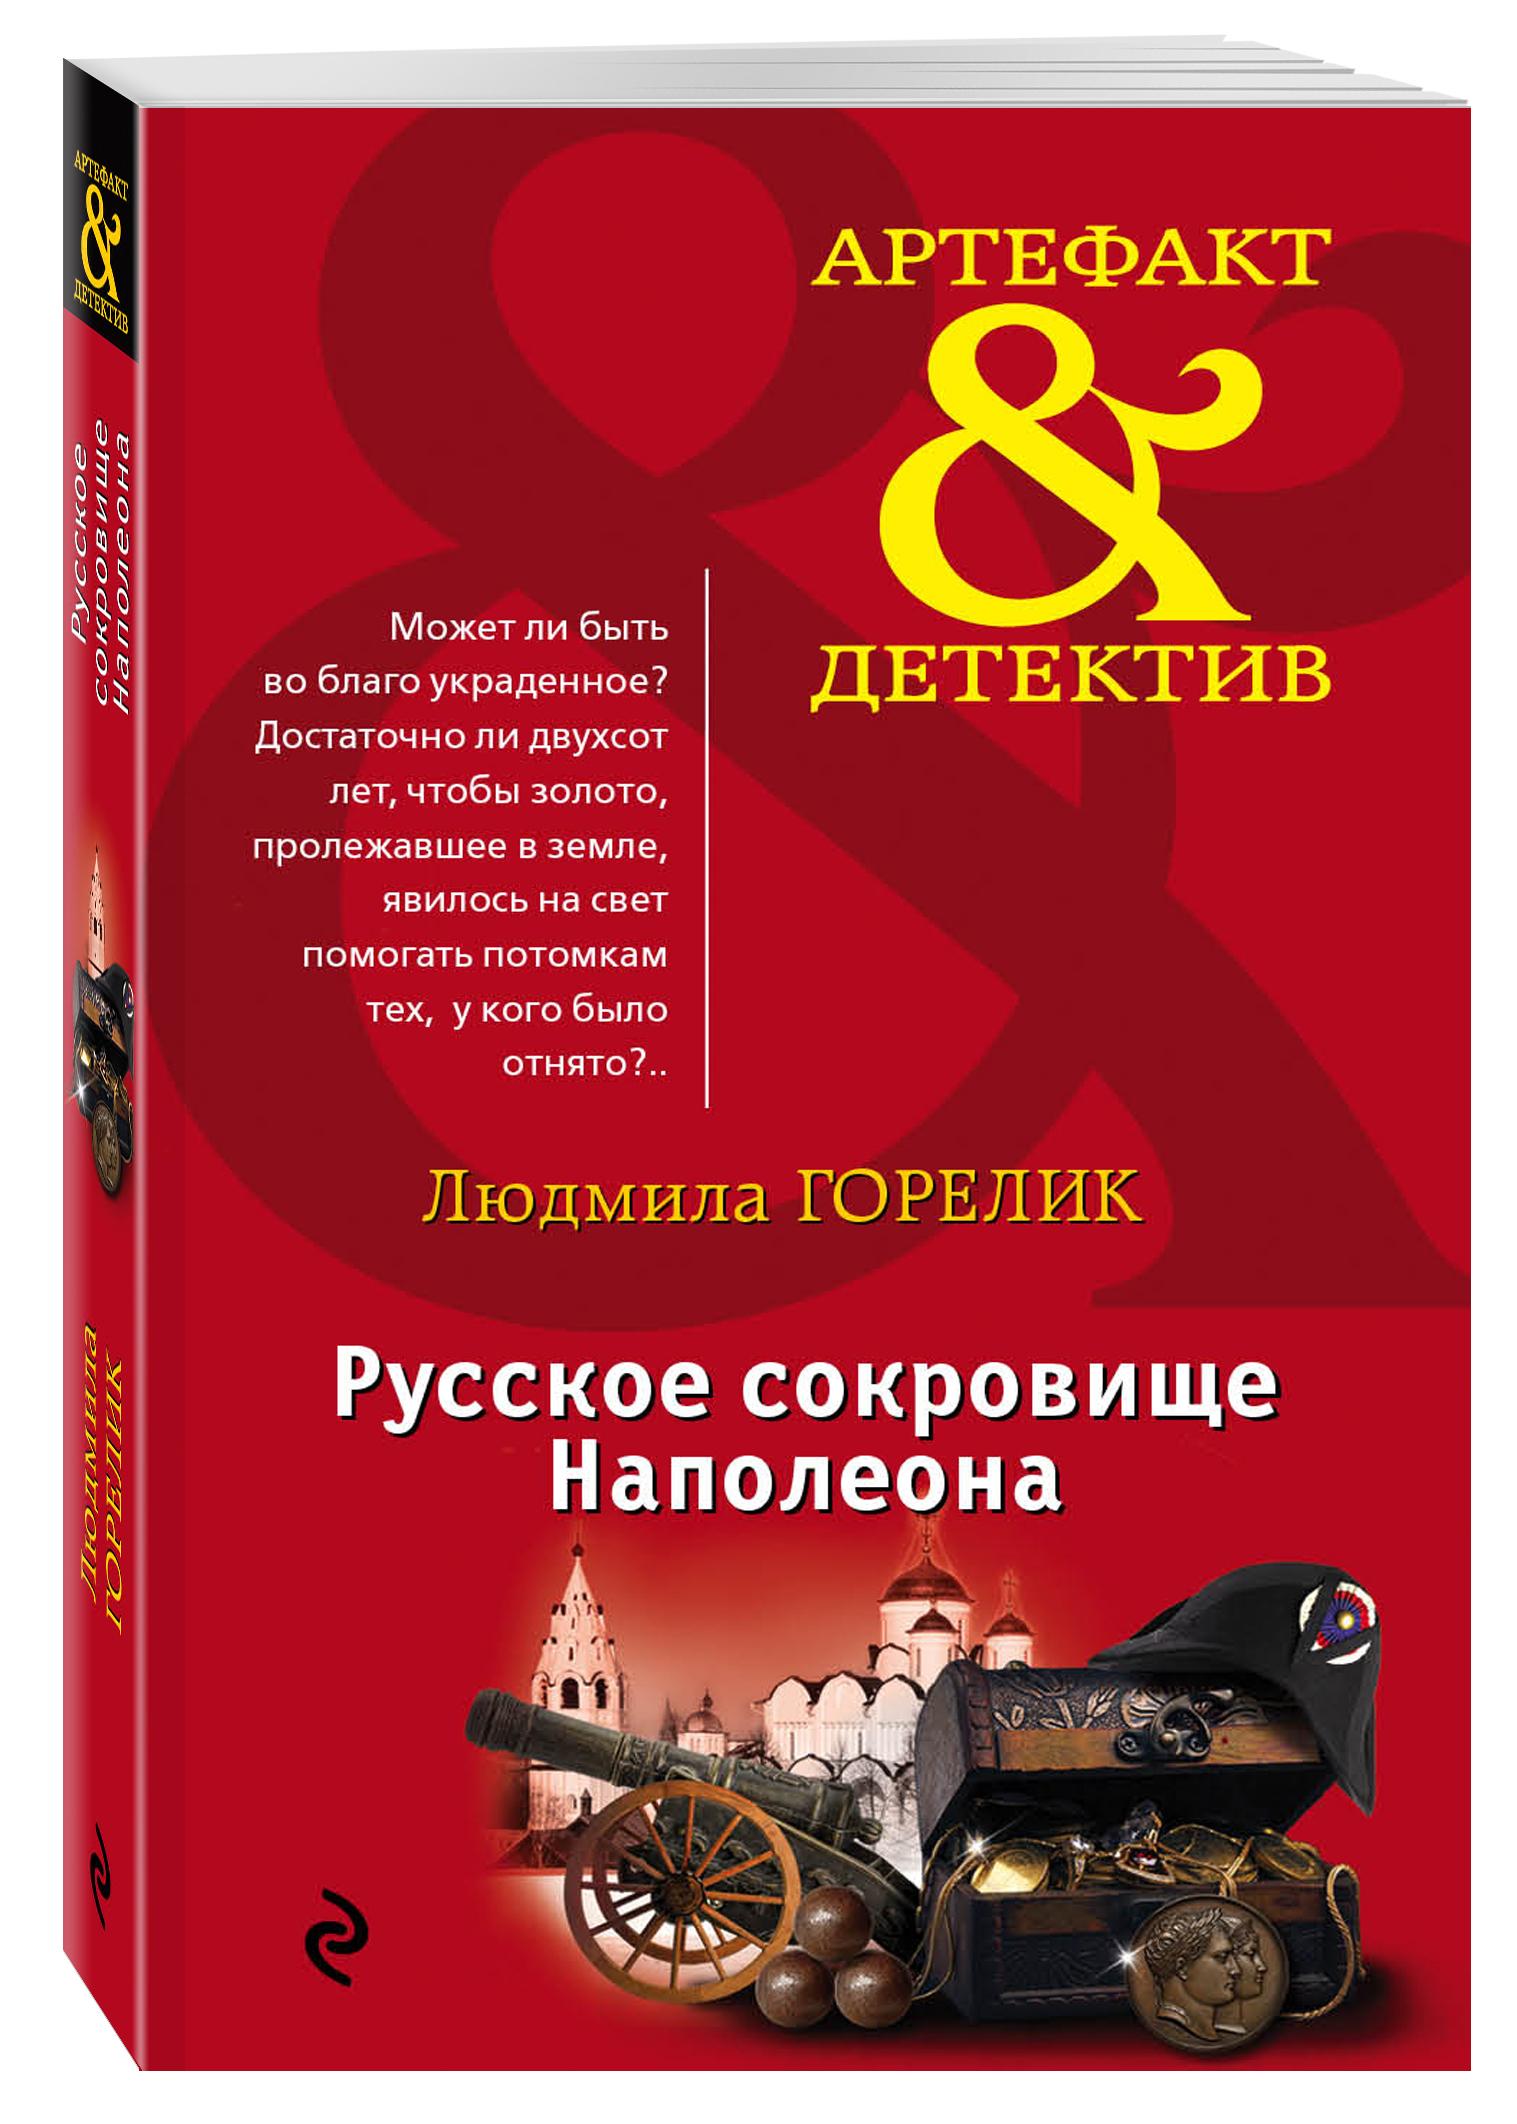 Горелик Л.Л. Русское сокровище Наполеона днепр 11 в магазине